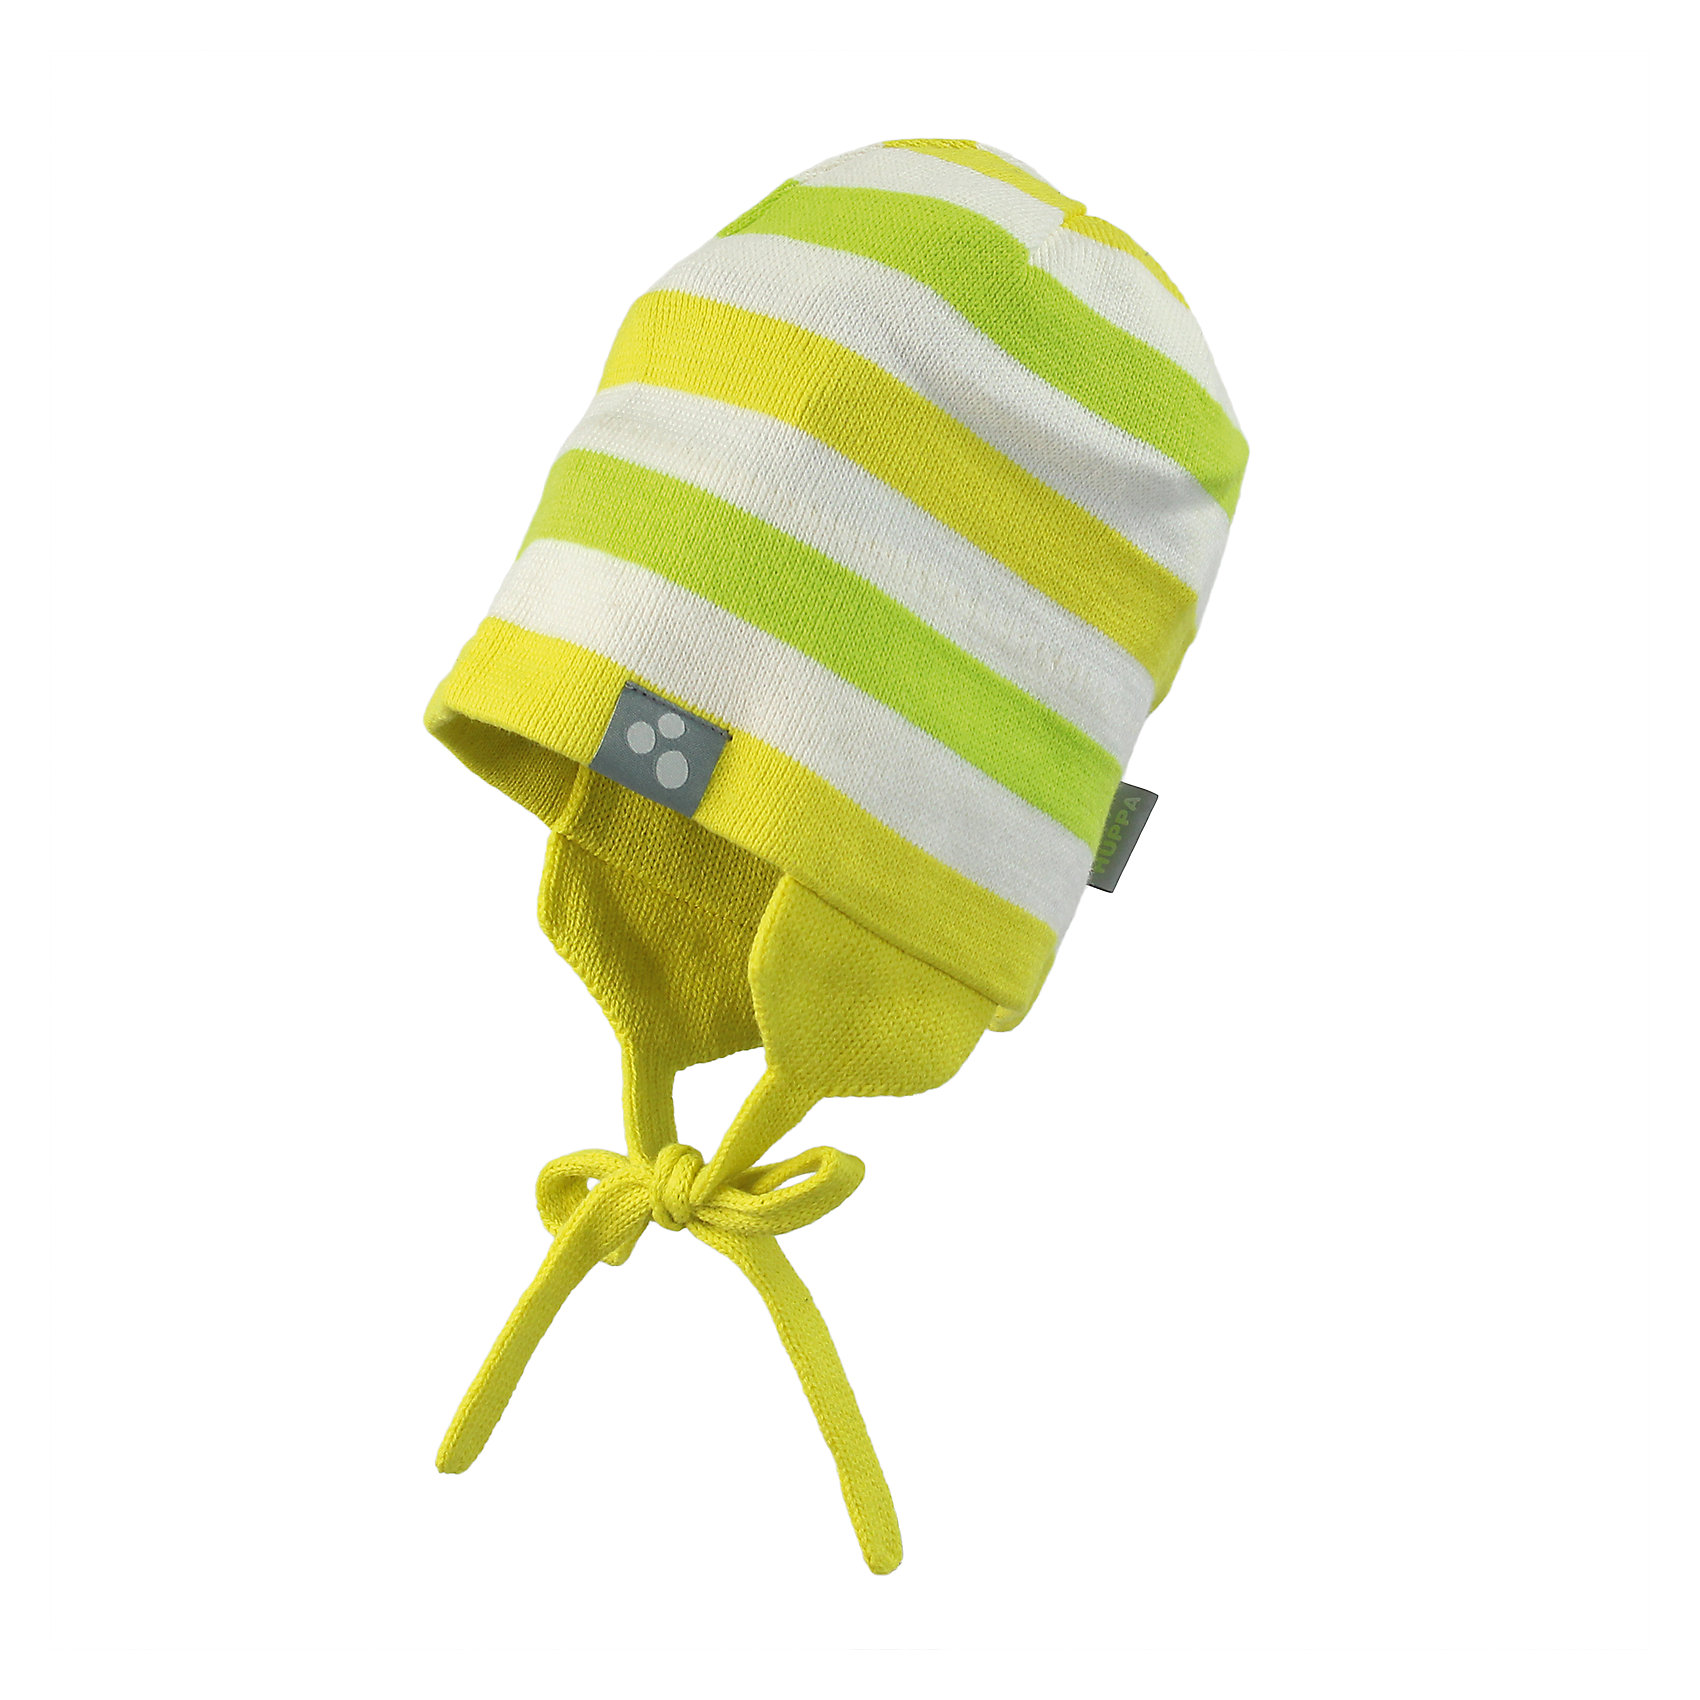 шапка для девочки HuppaГоловные уборы<br>Яркая вязаная шапочка на завязках надежно защищает от холодного ветра - прекрасный вариант для прогулок ранней весной и осенью.<br><br>Дополнительная информация:<br><br>Температурный режим - от 0С до +10С<br>Состав: 50% хлопок + 50% акрил.<br><br>Шапку для девочки Huppa можно купить в нашем магазине.<br><br>Ширина мм: 89<br>Глубина мм: 117<br>Высота мм: 44<br>Вес г: 155<br>Цвет: желтый<br>Возраст от месяцев: 84<br>Возраст до месяцев: 120<br>Пол: Женский<br>Возраст: Детский<br>Размер: 55-57,47-49,43-45,51-53<br>SKU: 4598996